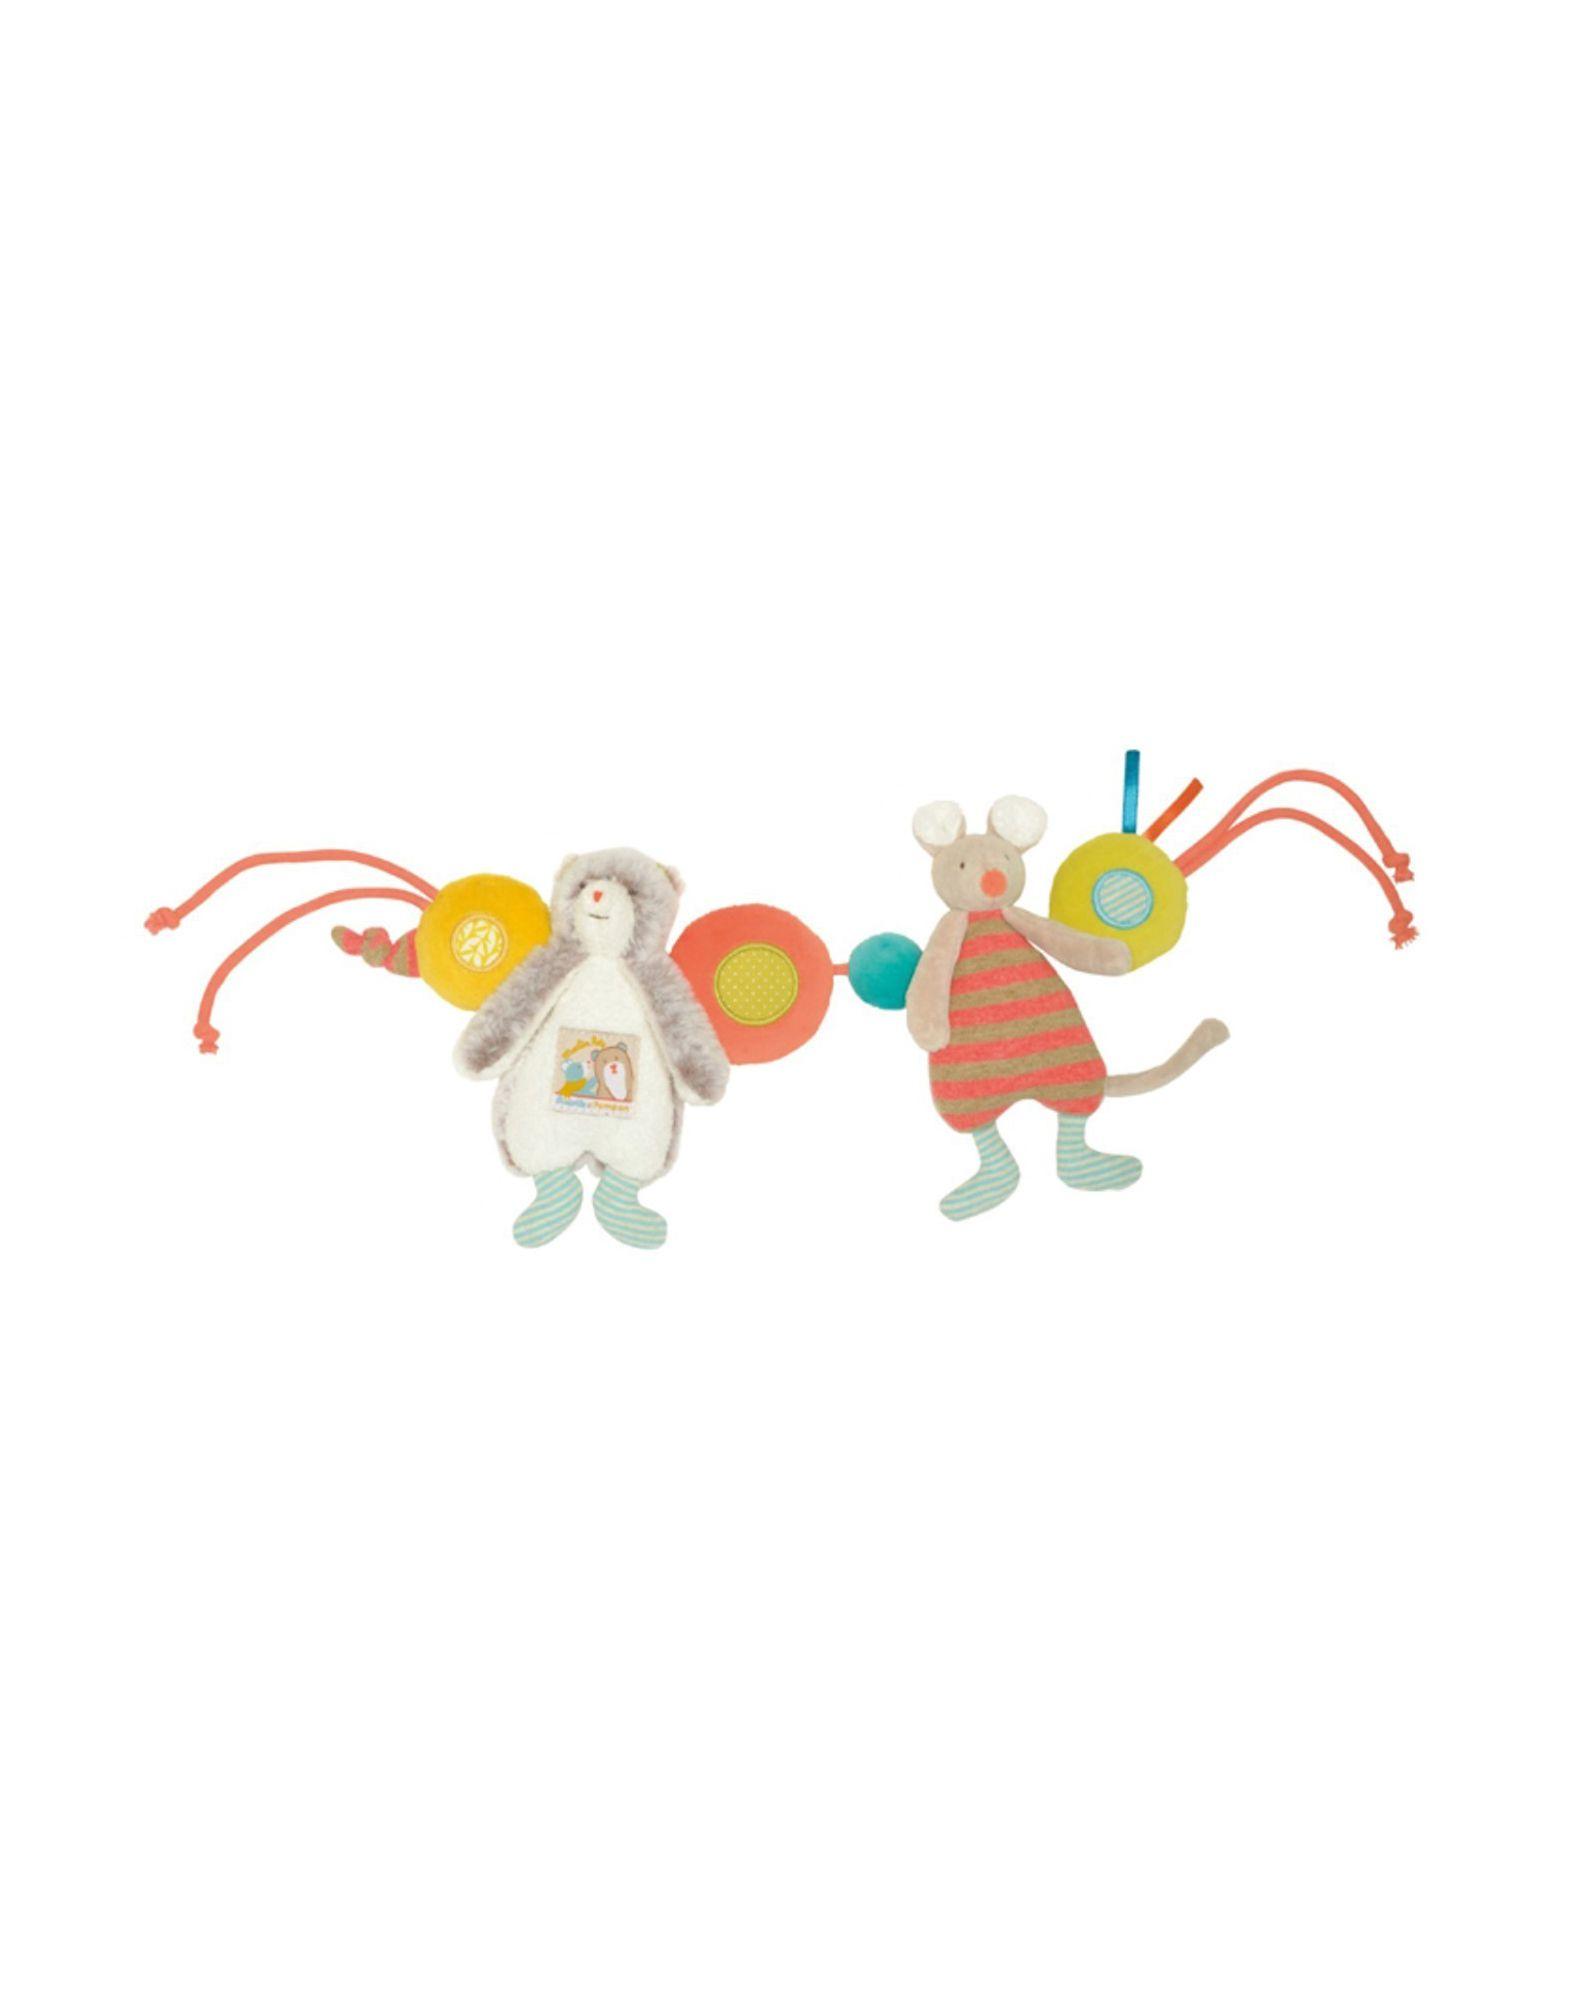 MOULIN ROTY Unisex Baby- und Kinderspielzeuge Farbe (-) Größe 1